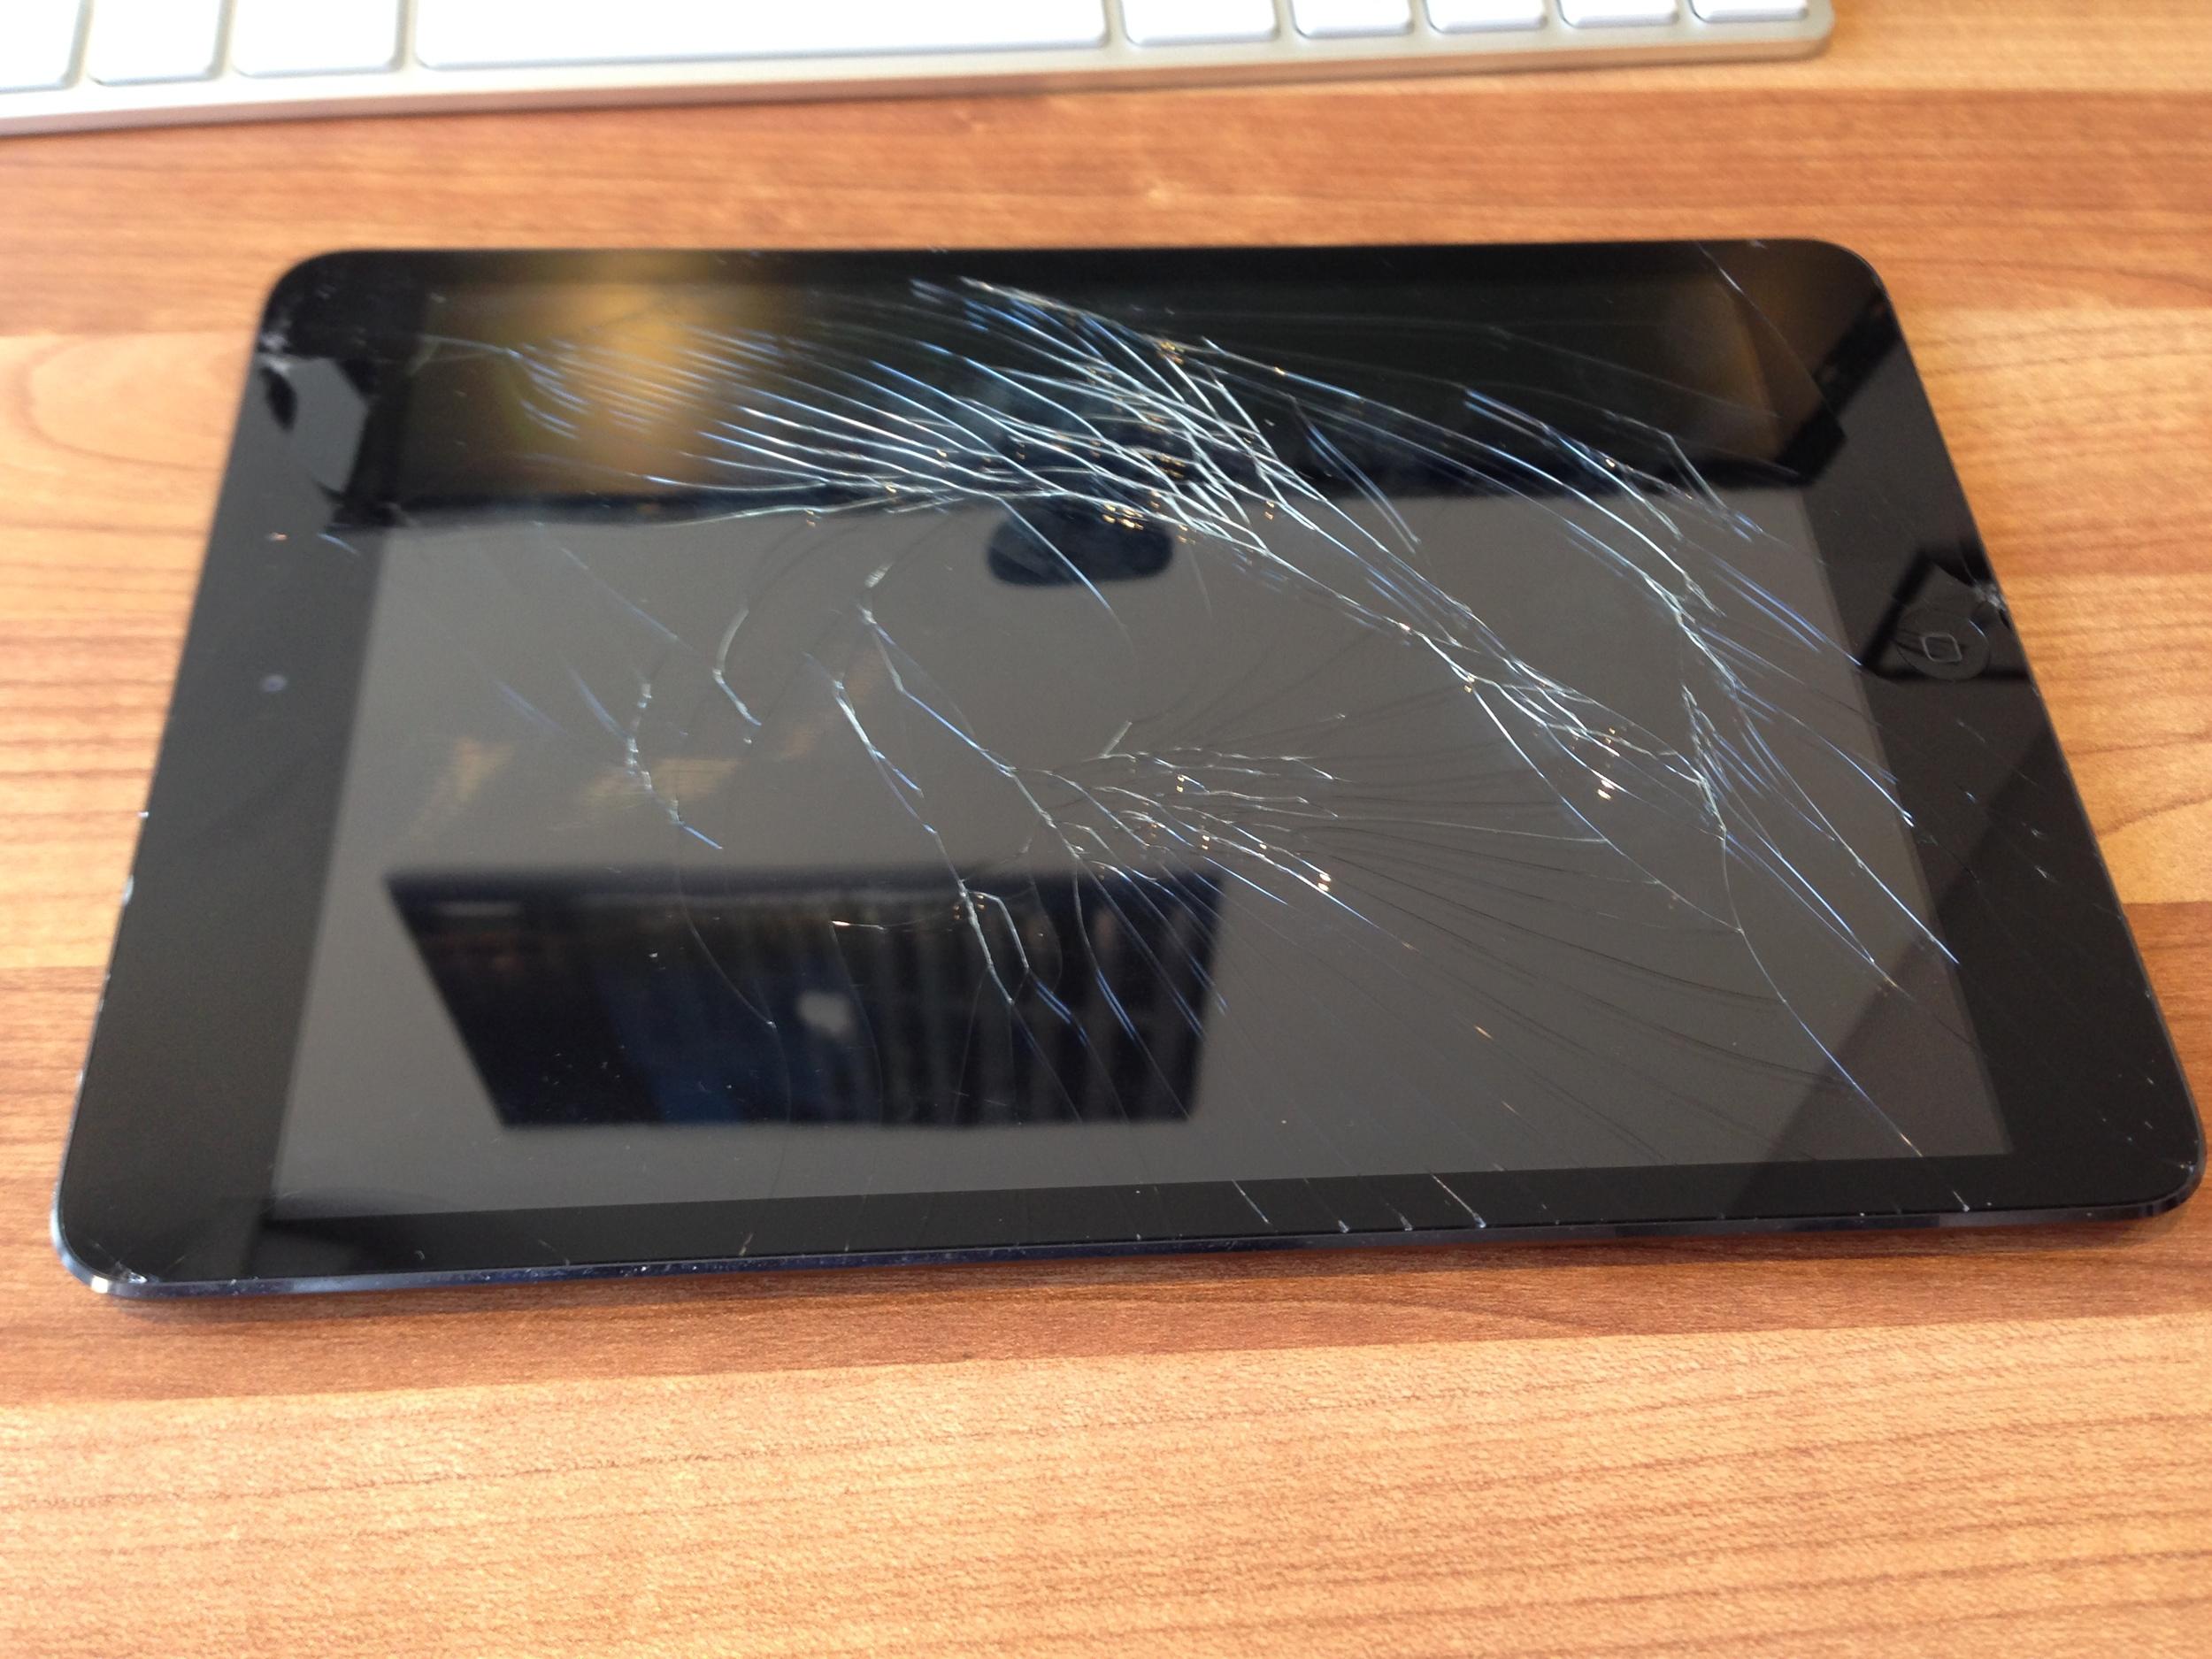 iPad Air Touch Screen Repair